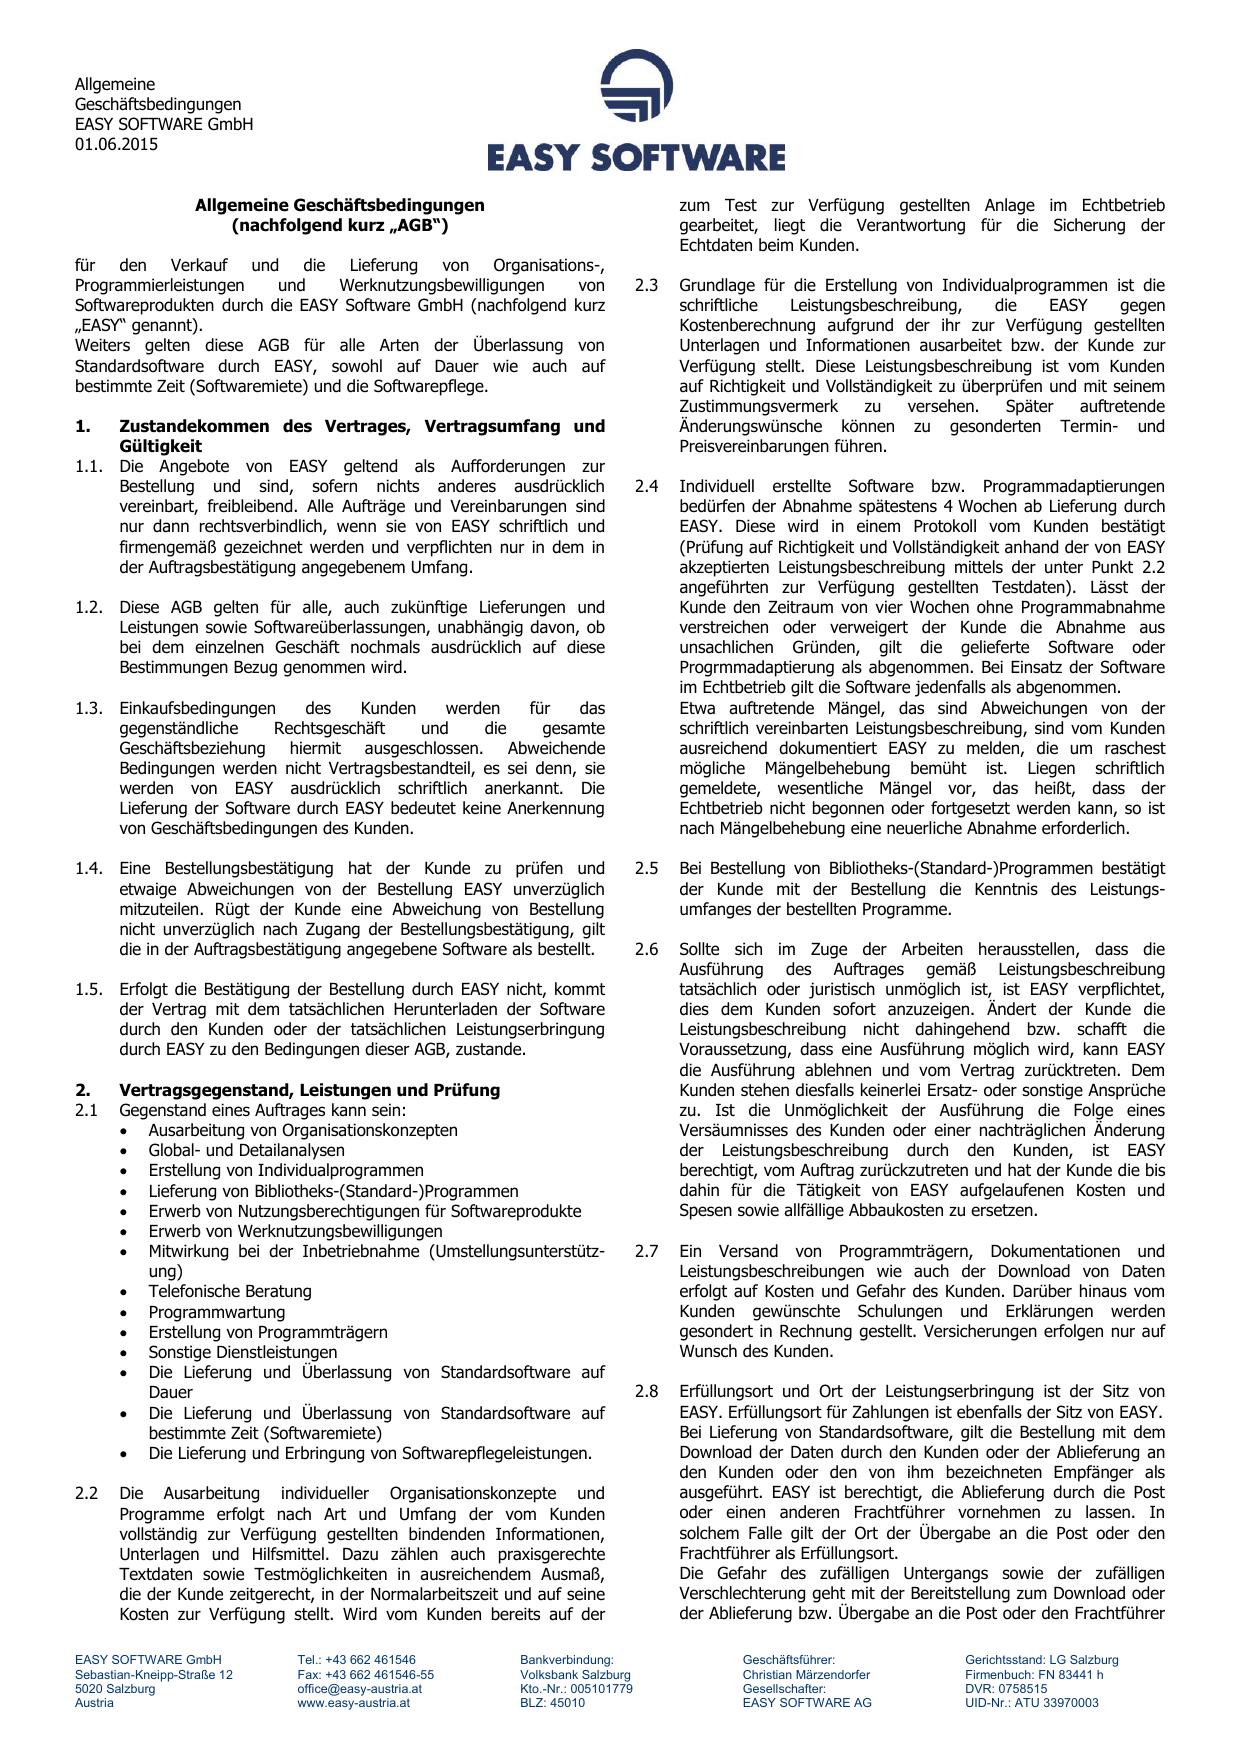 Allgemeine Geschäftsbedingungen EASY SOFTWARE 01.06 | manualzz.com